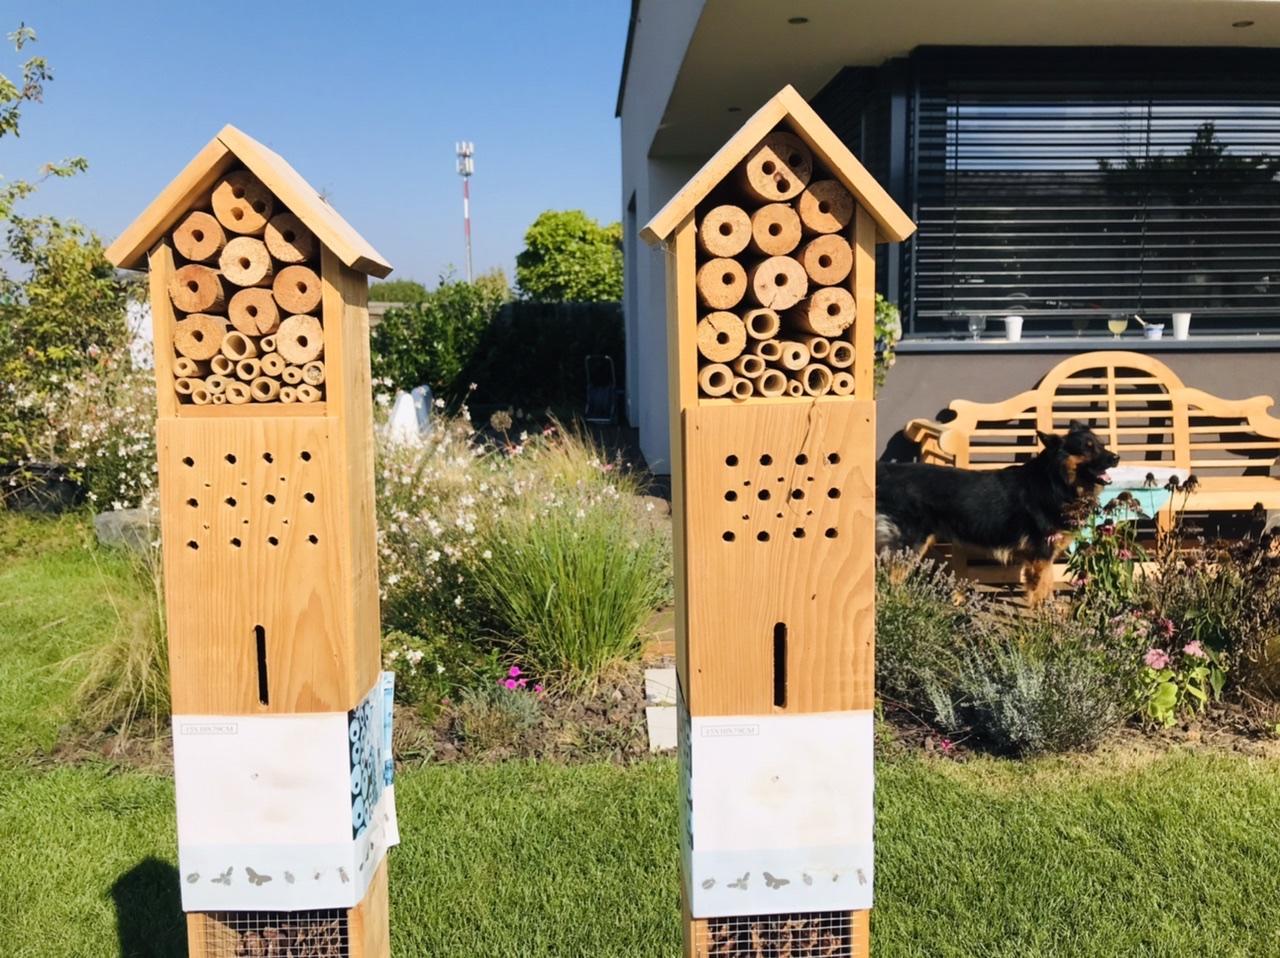 Naše L-ko - 2021 - stále dokončujeme - Hmyzie domčeky - začínajú sa obsadzovať prvými obyvateľmi. S 10 cm stebielkom trávy sem letel nájomník, a stebielko trávy si namotal do babusového otvoru.